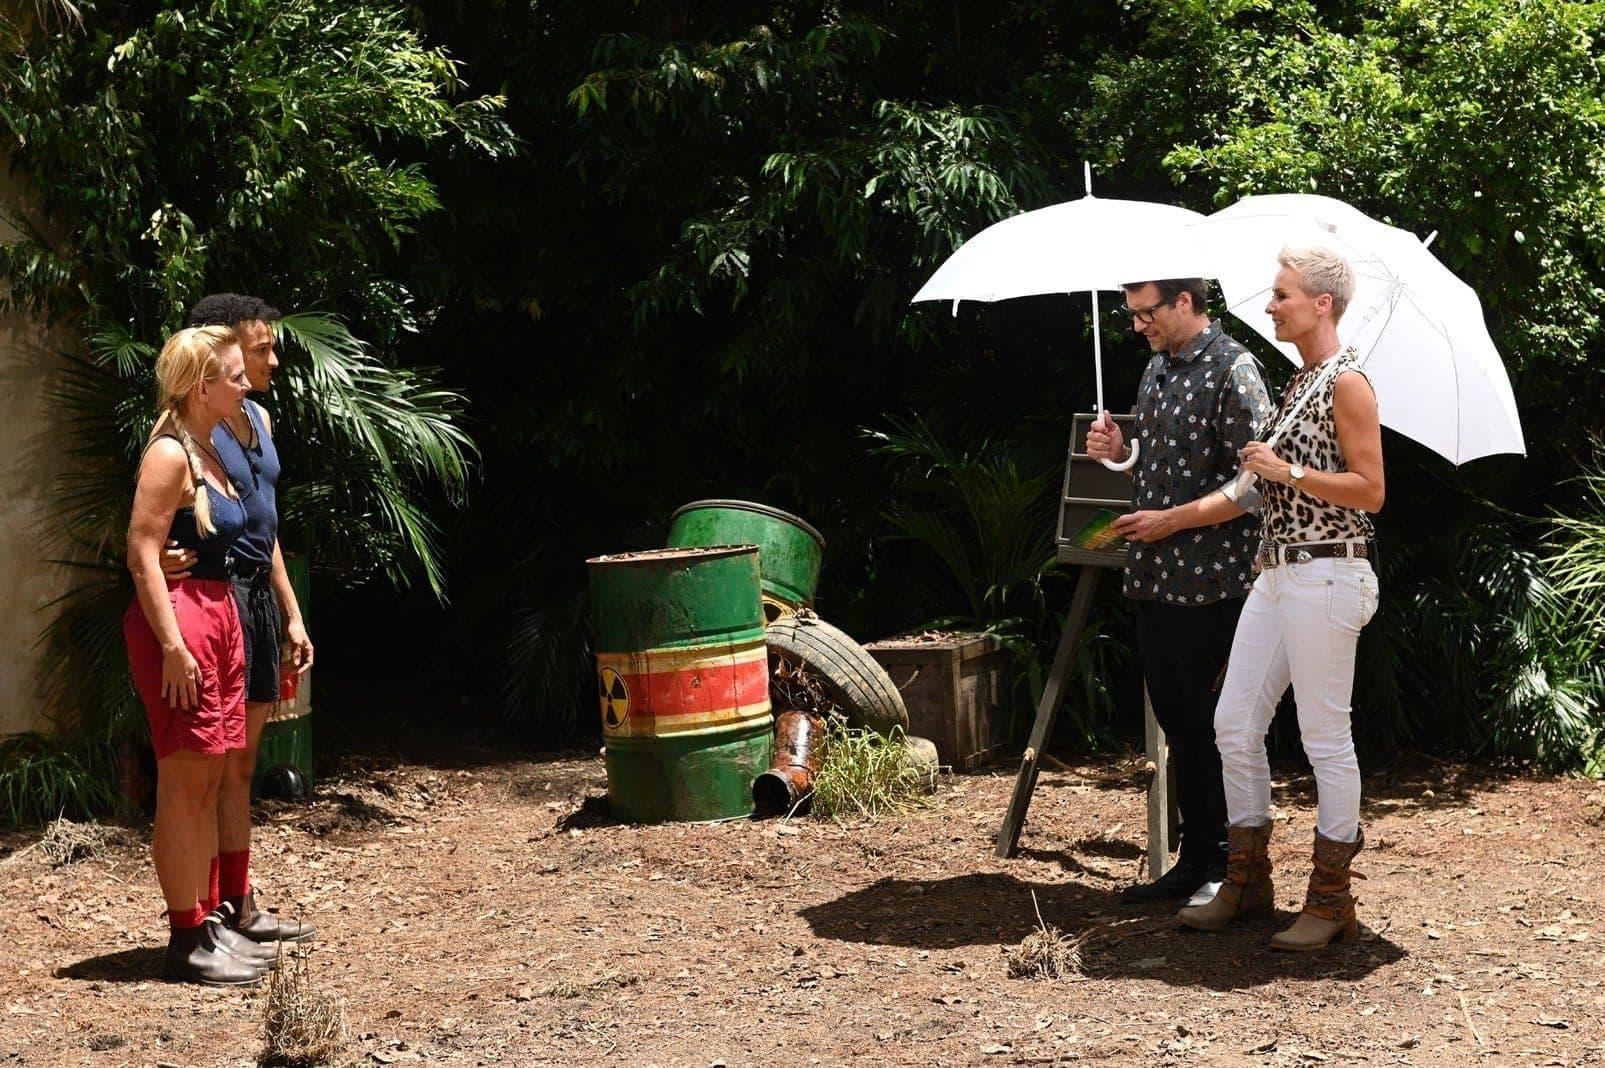 Dschungelcamp Prüfung Würg-Stoffcenter